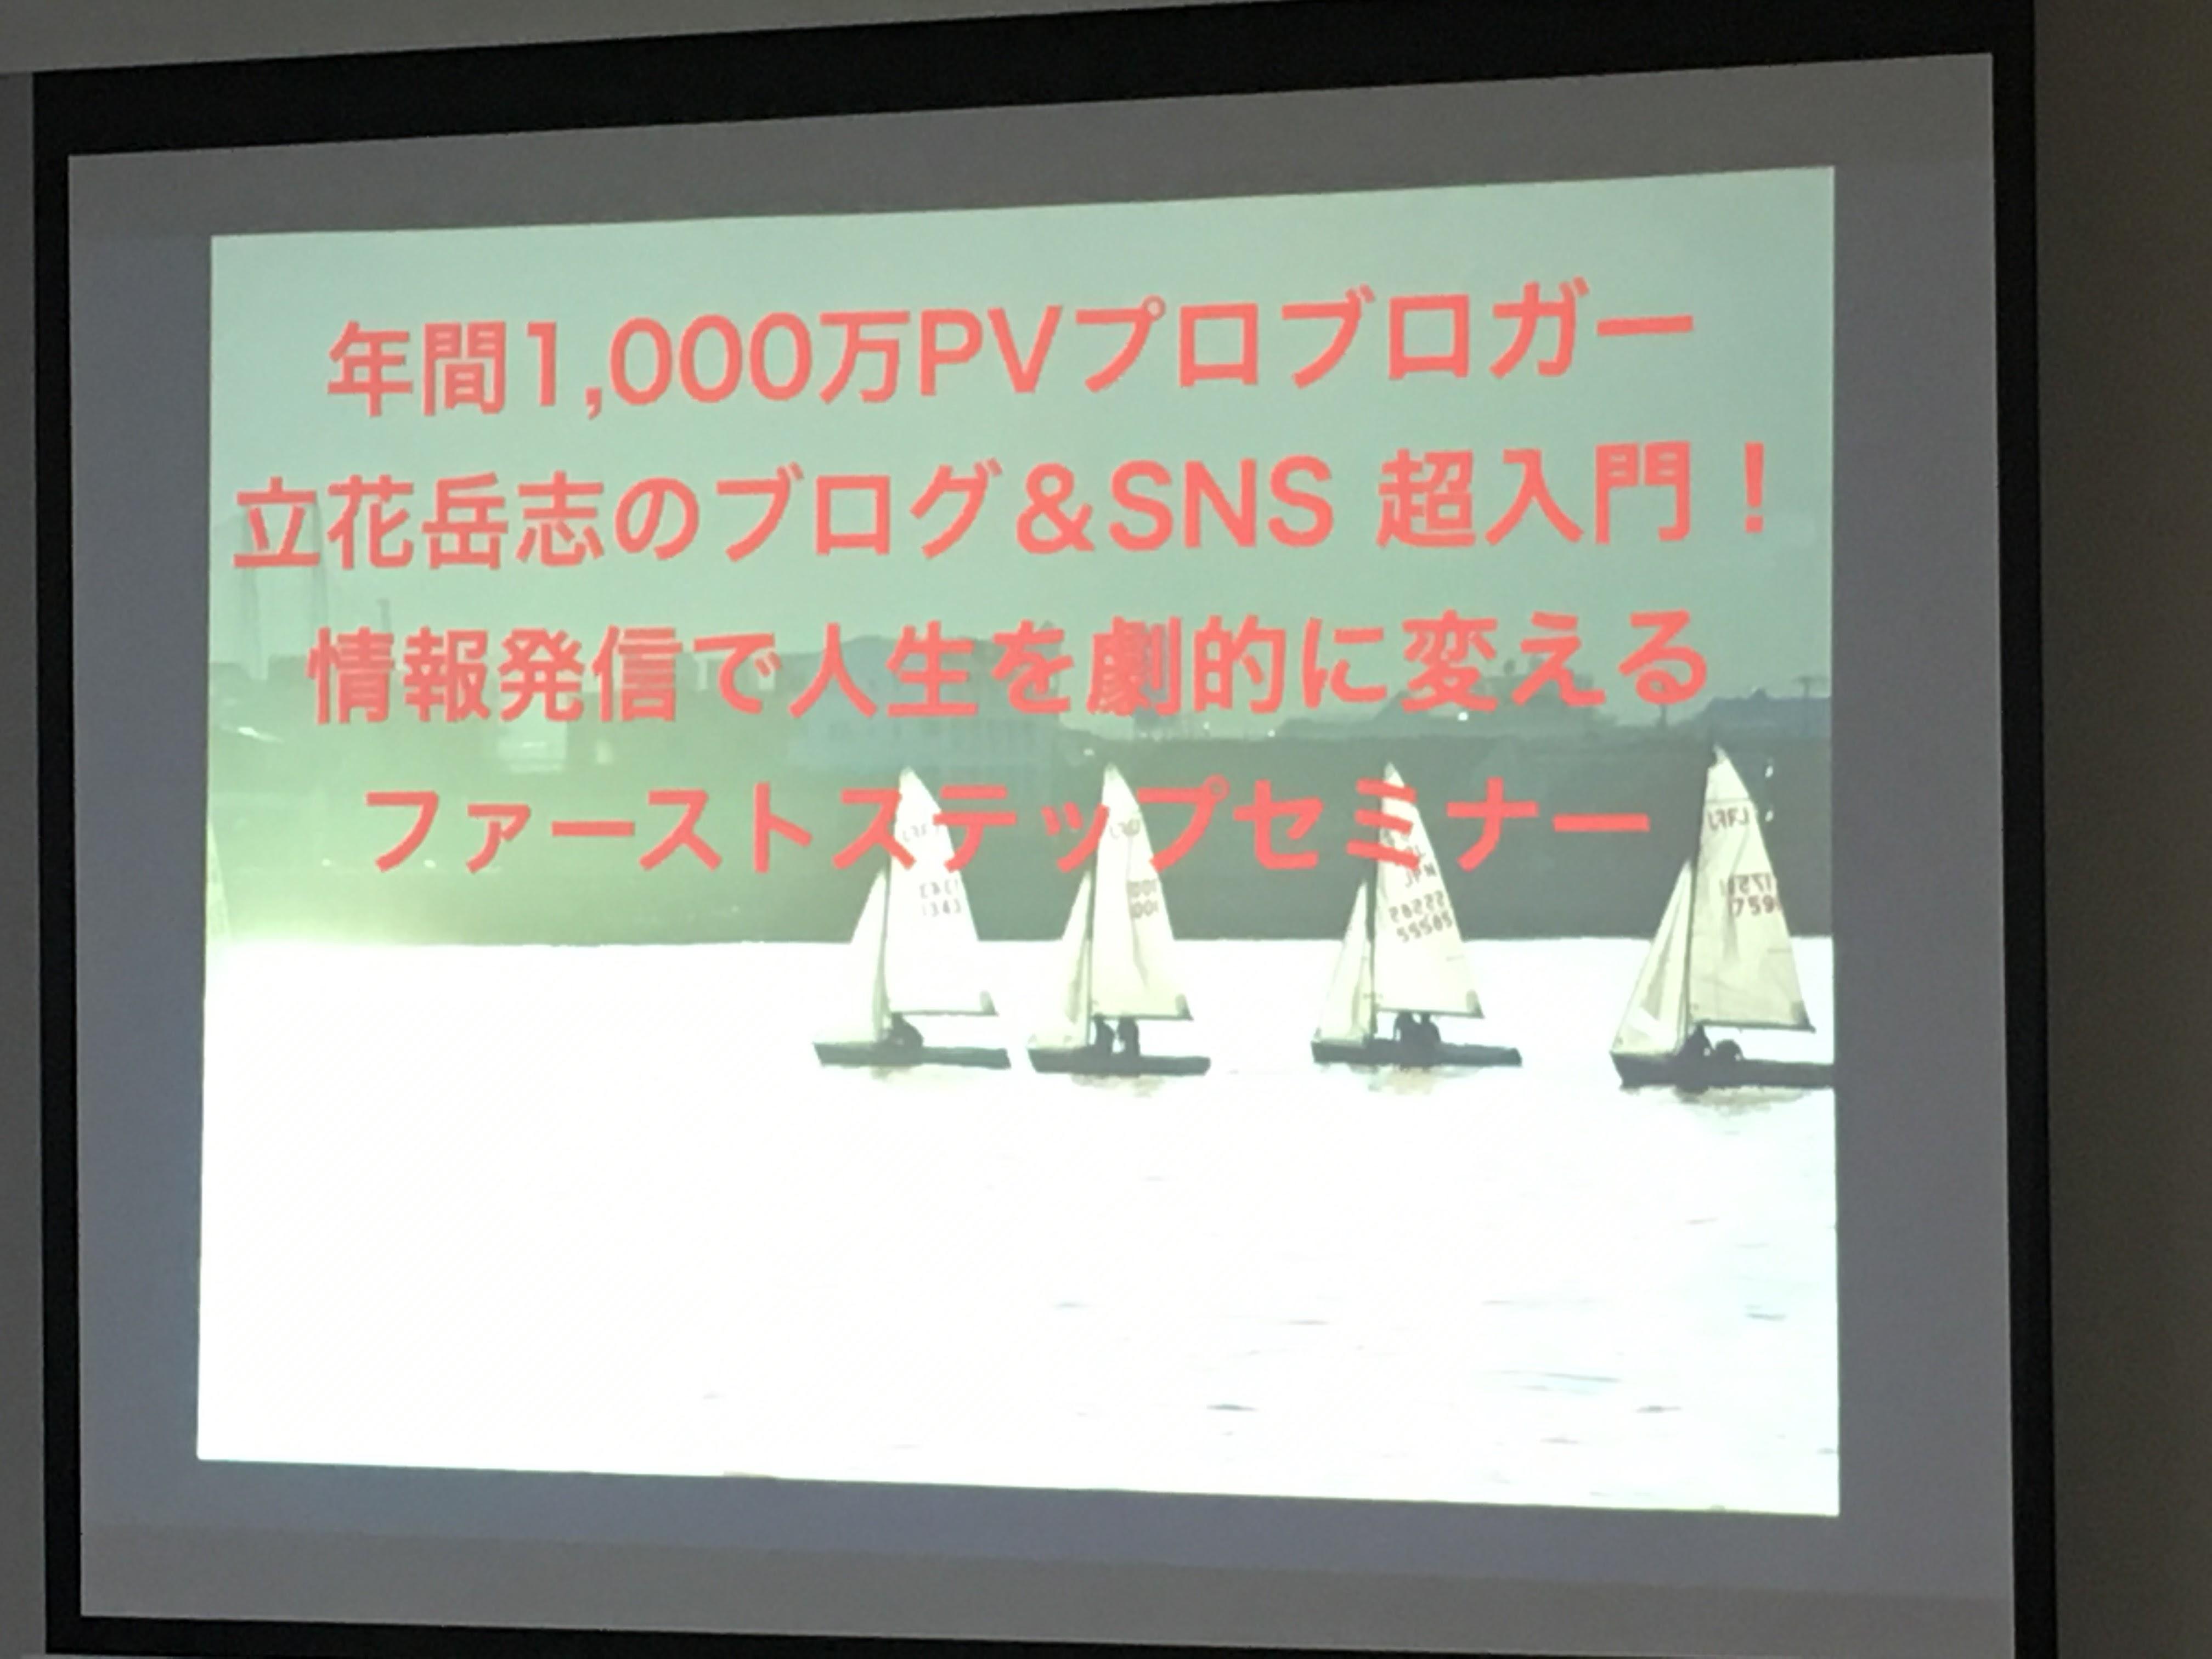 立花岳志さんブログ&SNS 超入門セミナー参加。「楽しいな」「大好きだな」を続けて、自分に貢献できればいいんだ!